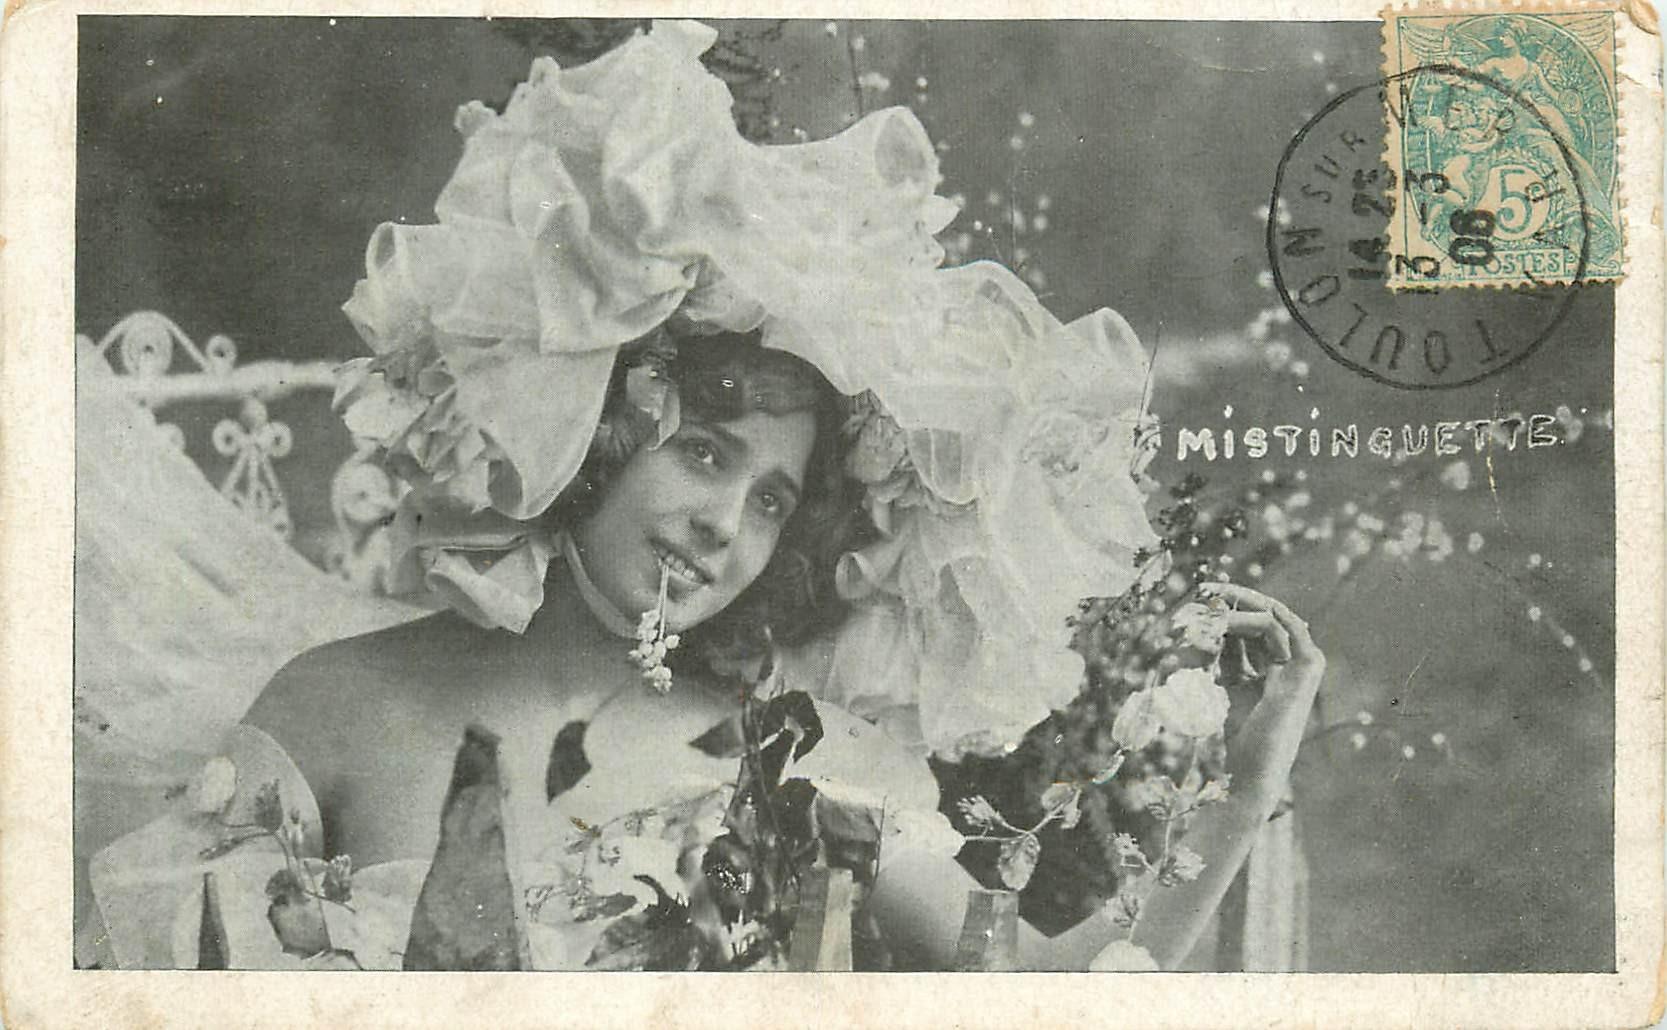 Spectacle artistes. MISTINGUETTE 1906 Chanteuse Cabaret